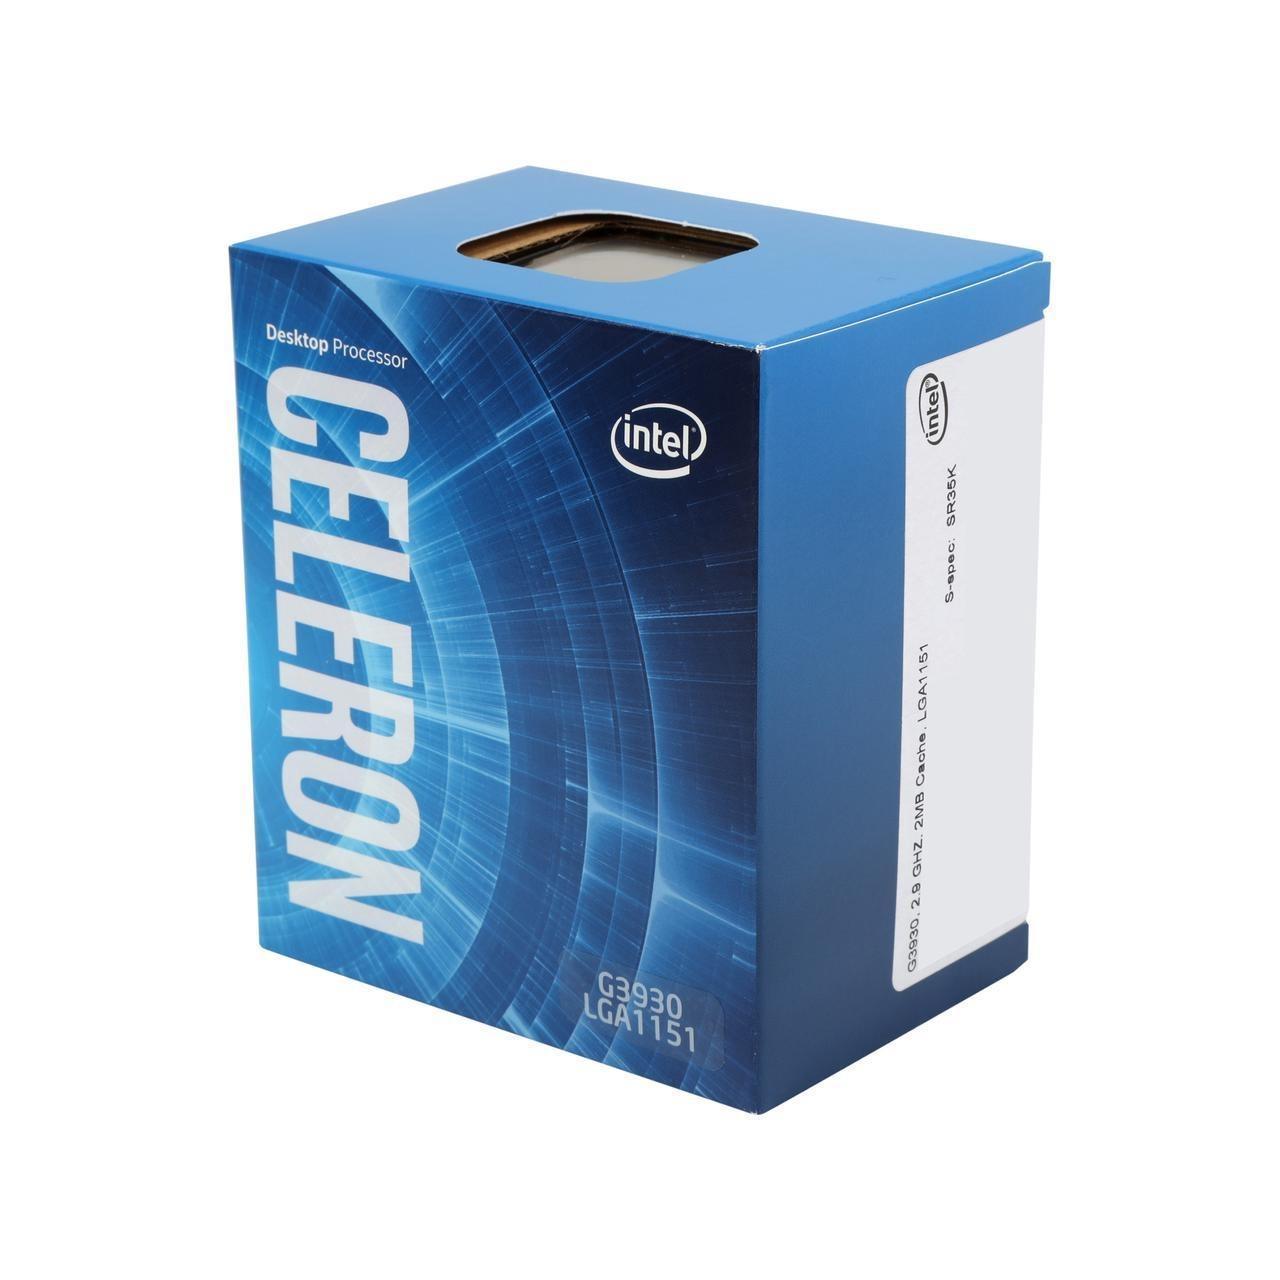 Mua Bộ Vi xử lí Intel Celeron G3930 ở đâu tốt?